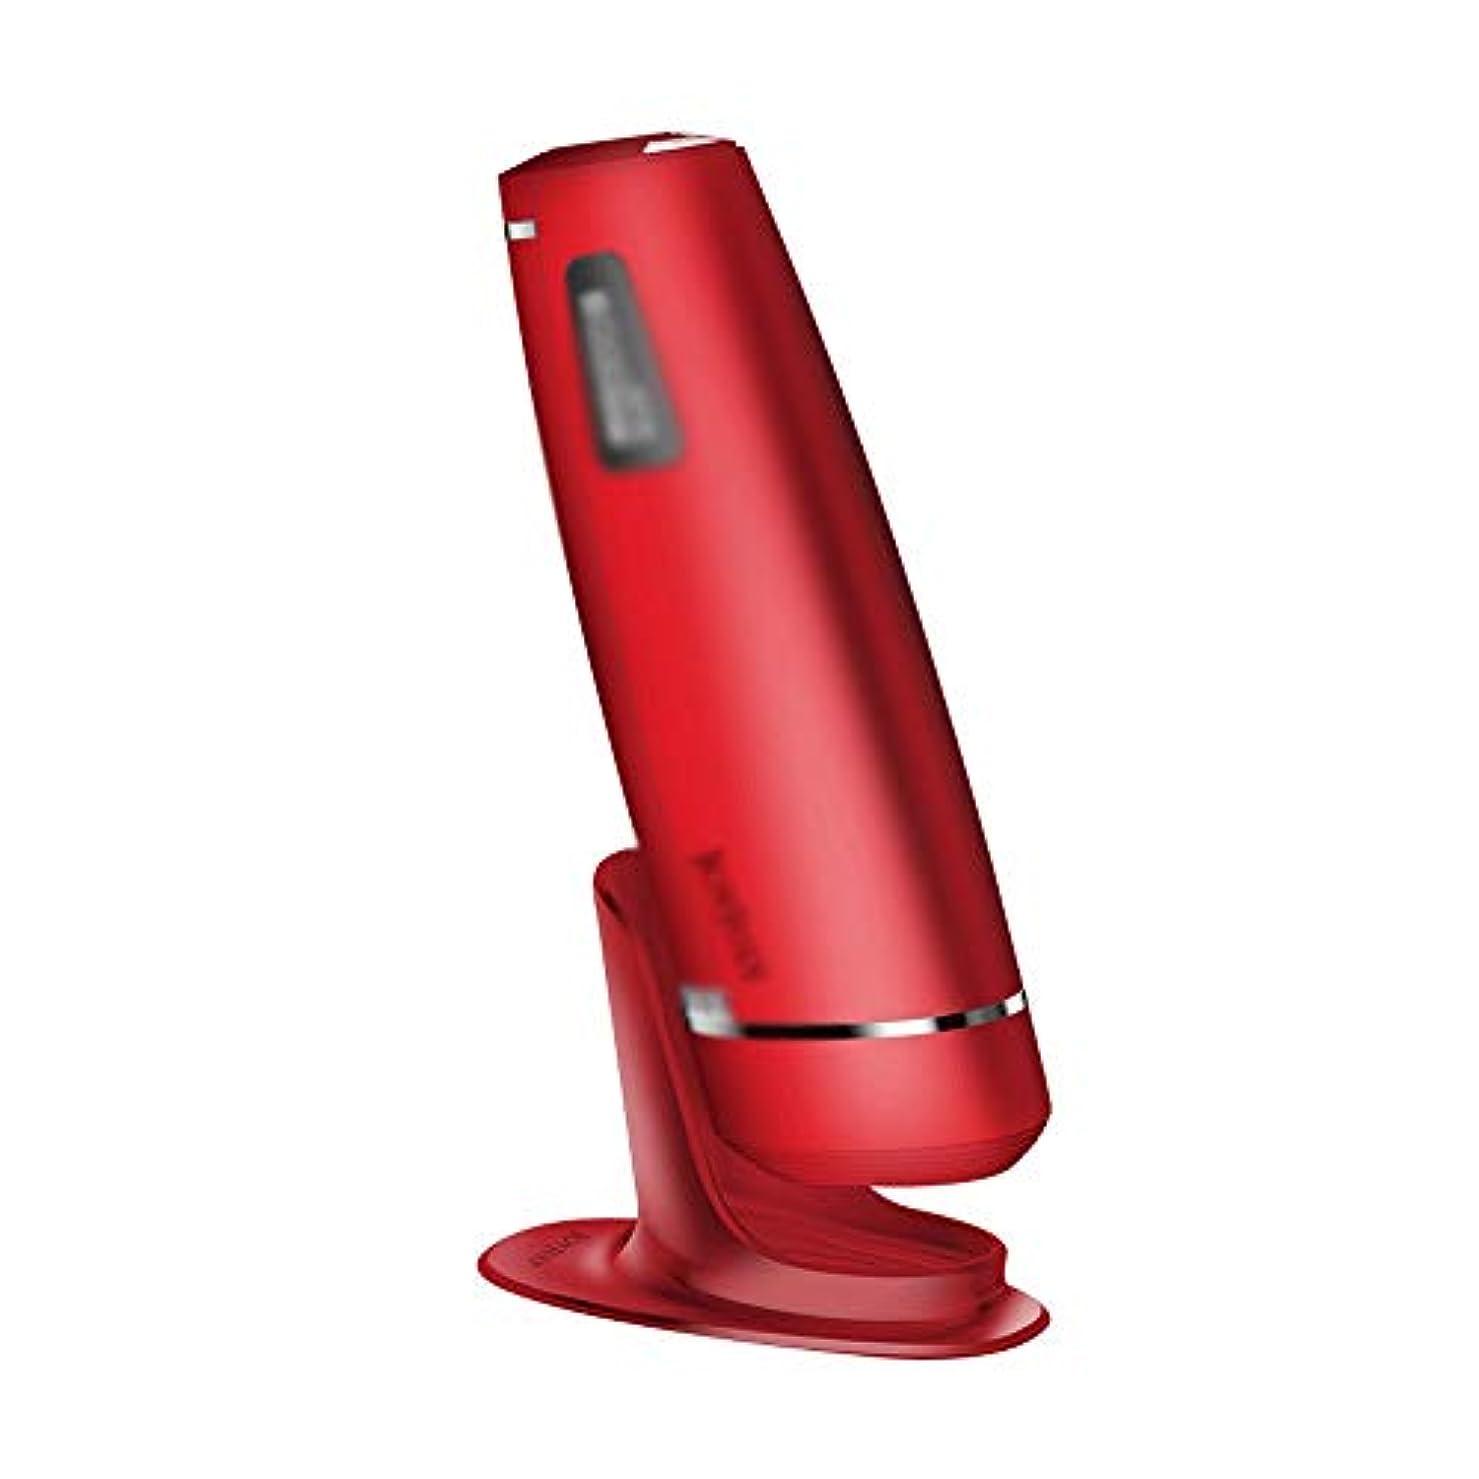 ピック知るワームXUEYAQI- 電気アイスポイント脱毛器具、家庭用レーザー脱毛アーティファクト、男性と女性の外部脱毛器、痛みのない顔用脱毛器(白) (Color : Red)